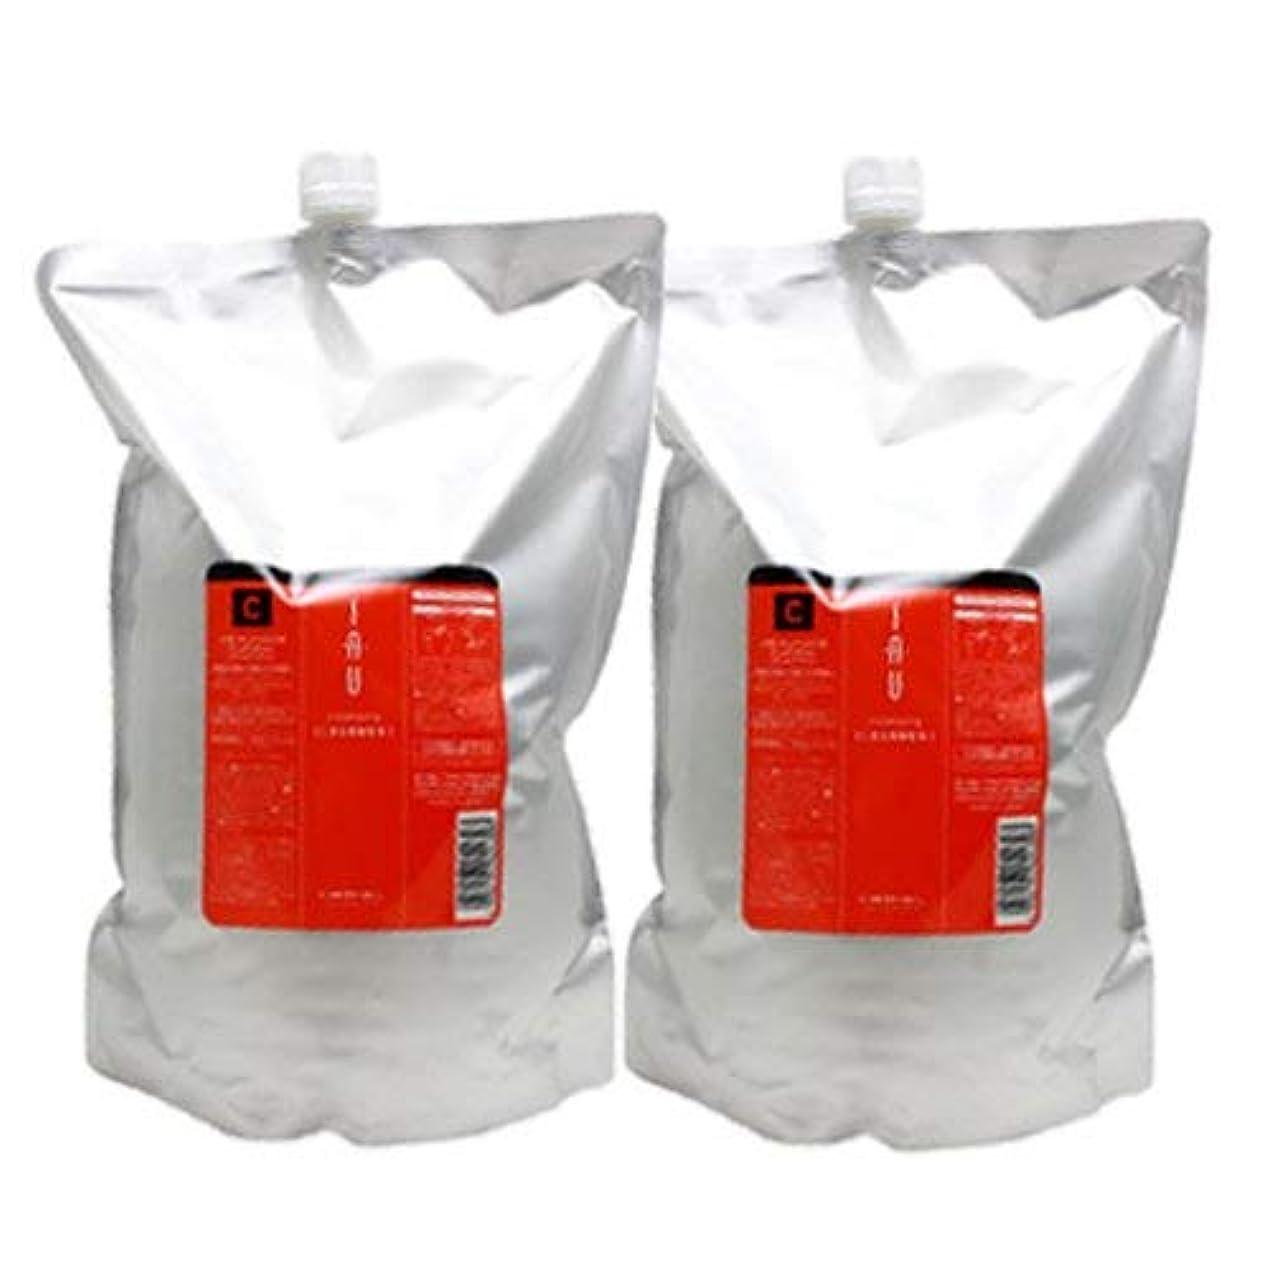 スリップ消防士最小化するルベル イオ クレンジング クリアメント シャンプー<2500mL×2個セット> 詰め替え?業務用 Lebel iau